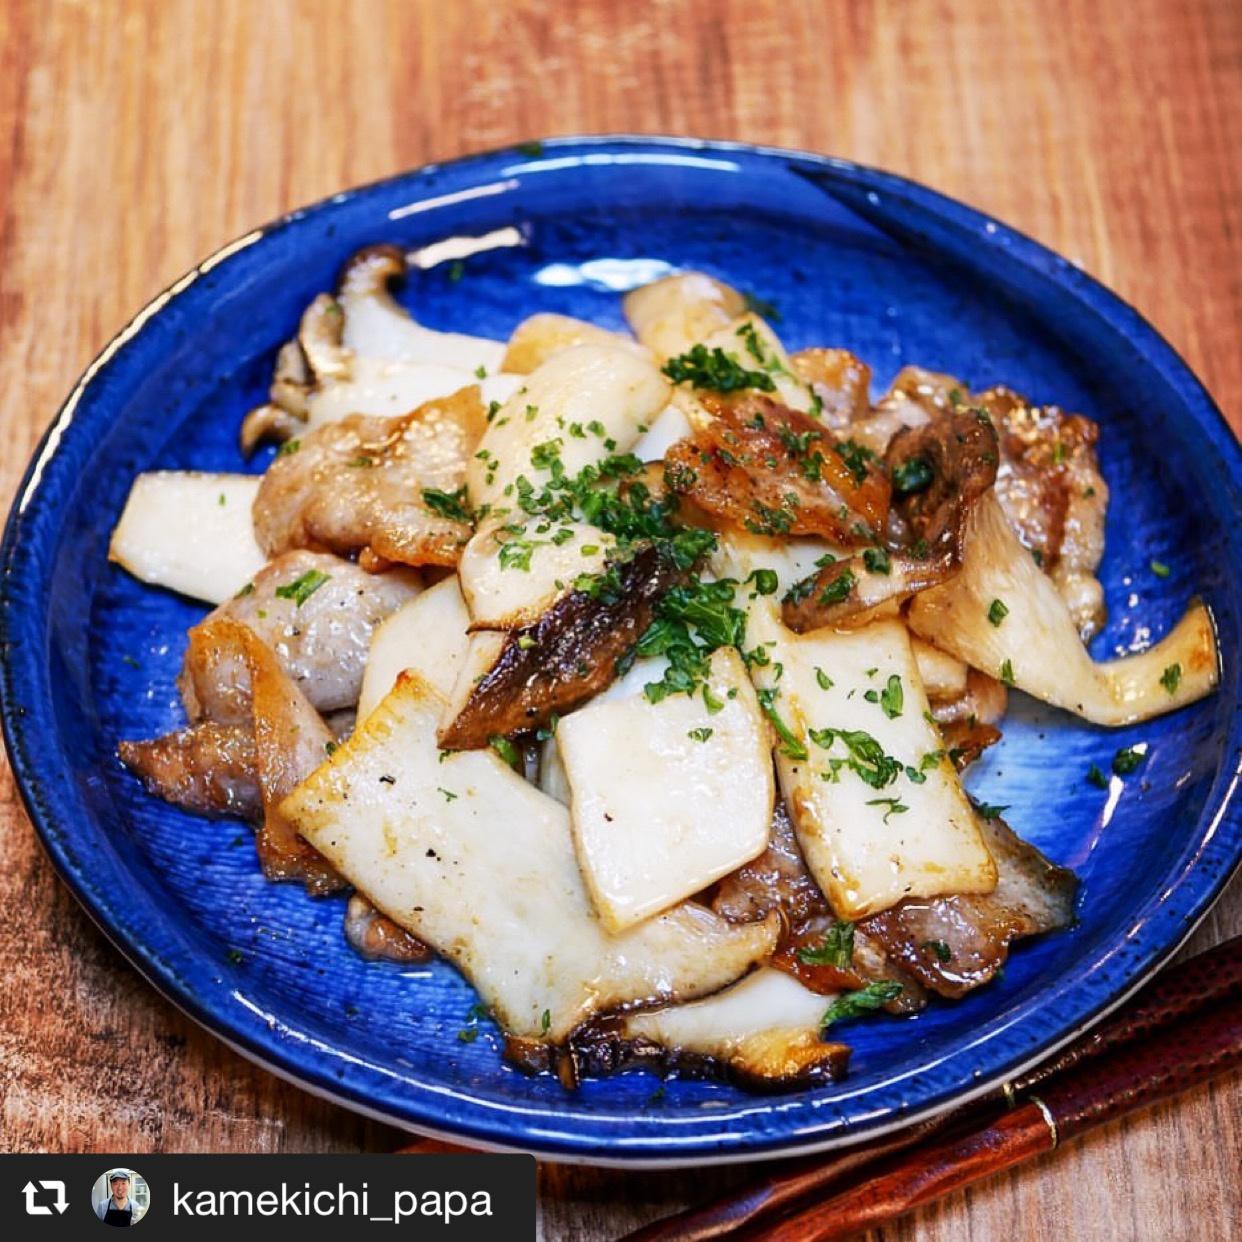 豚バラ肉とエリンギのオイスター炒め 画像1